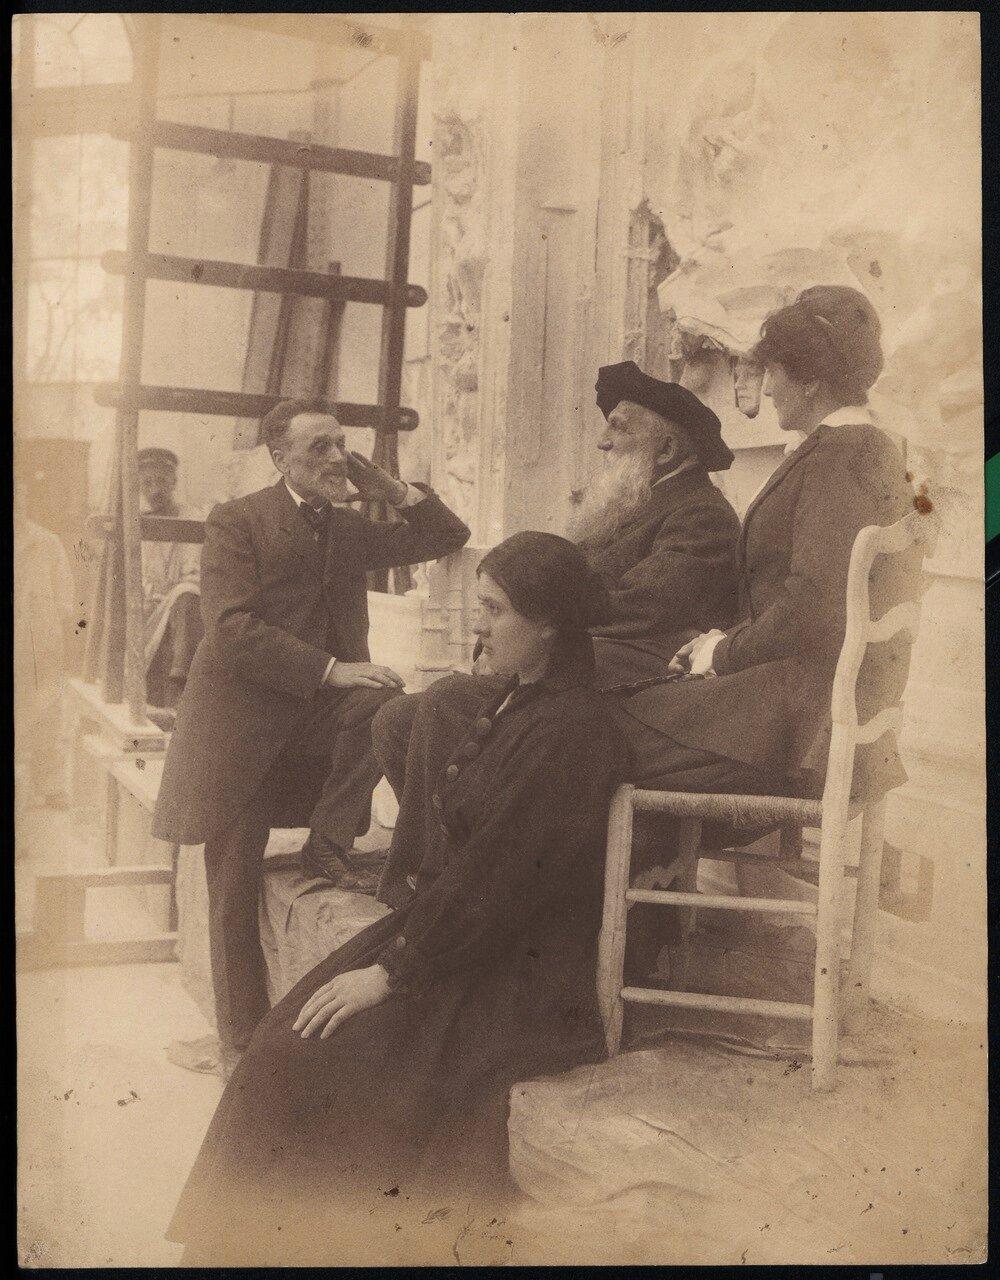 Огюст Роден, Леон Бенедит и Генриетта Кольтат возле «Врат ада»